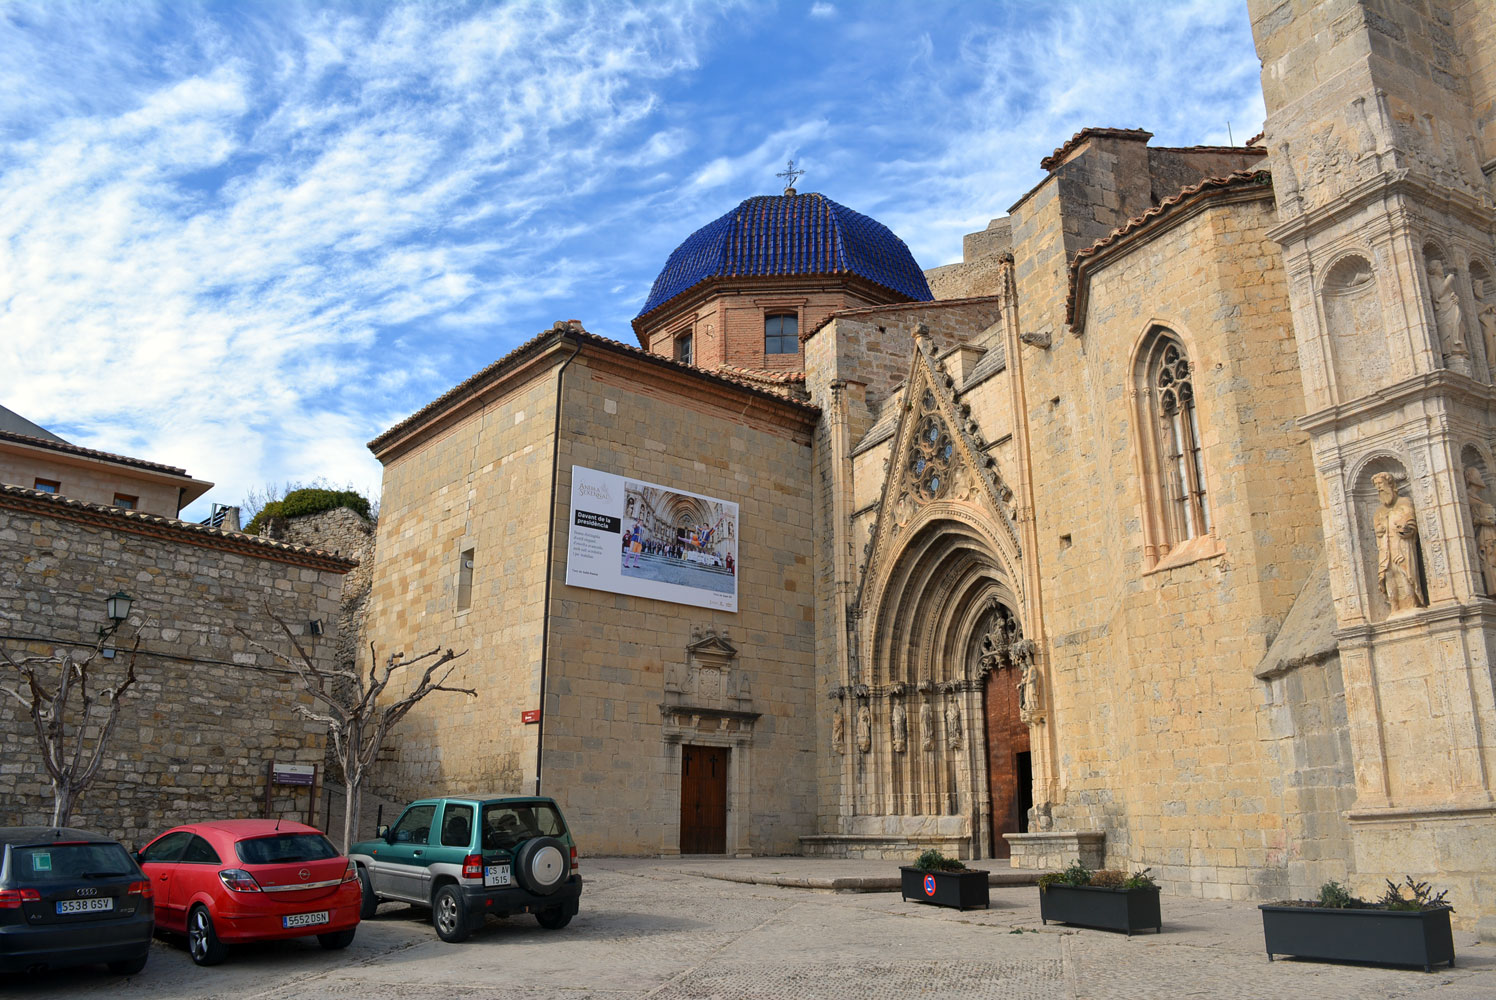 Fotografia de l'exposició Ànima sexennal a la Basílica Arxiprestal de Morella